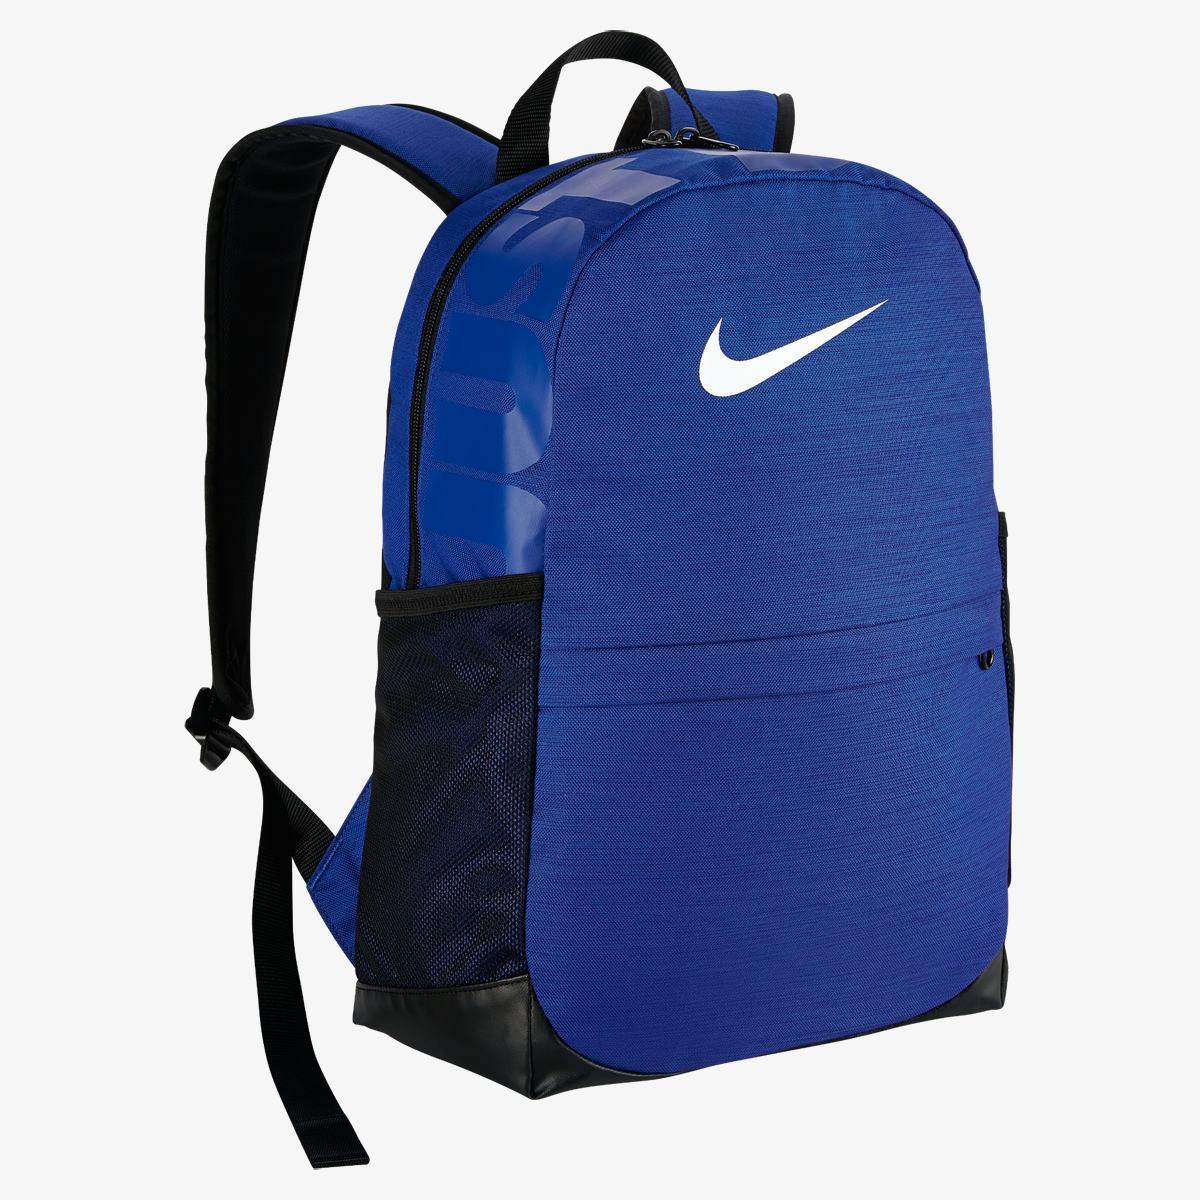 Лучшие спортивные рюкзаки